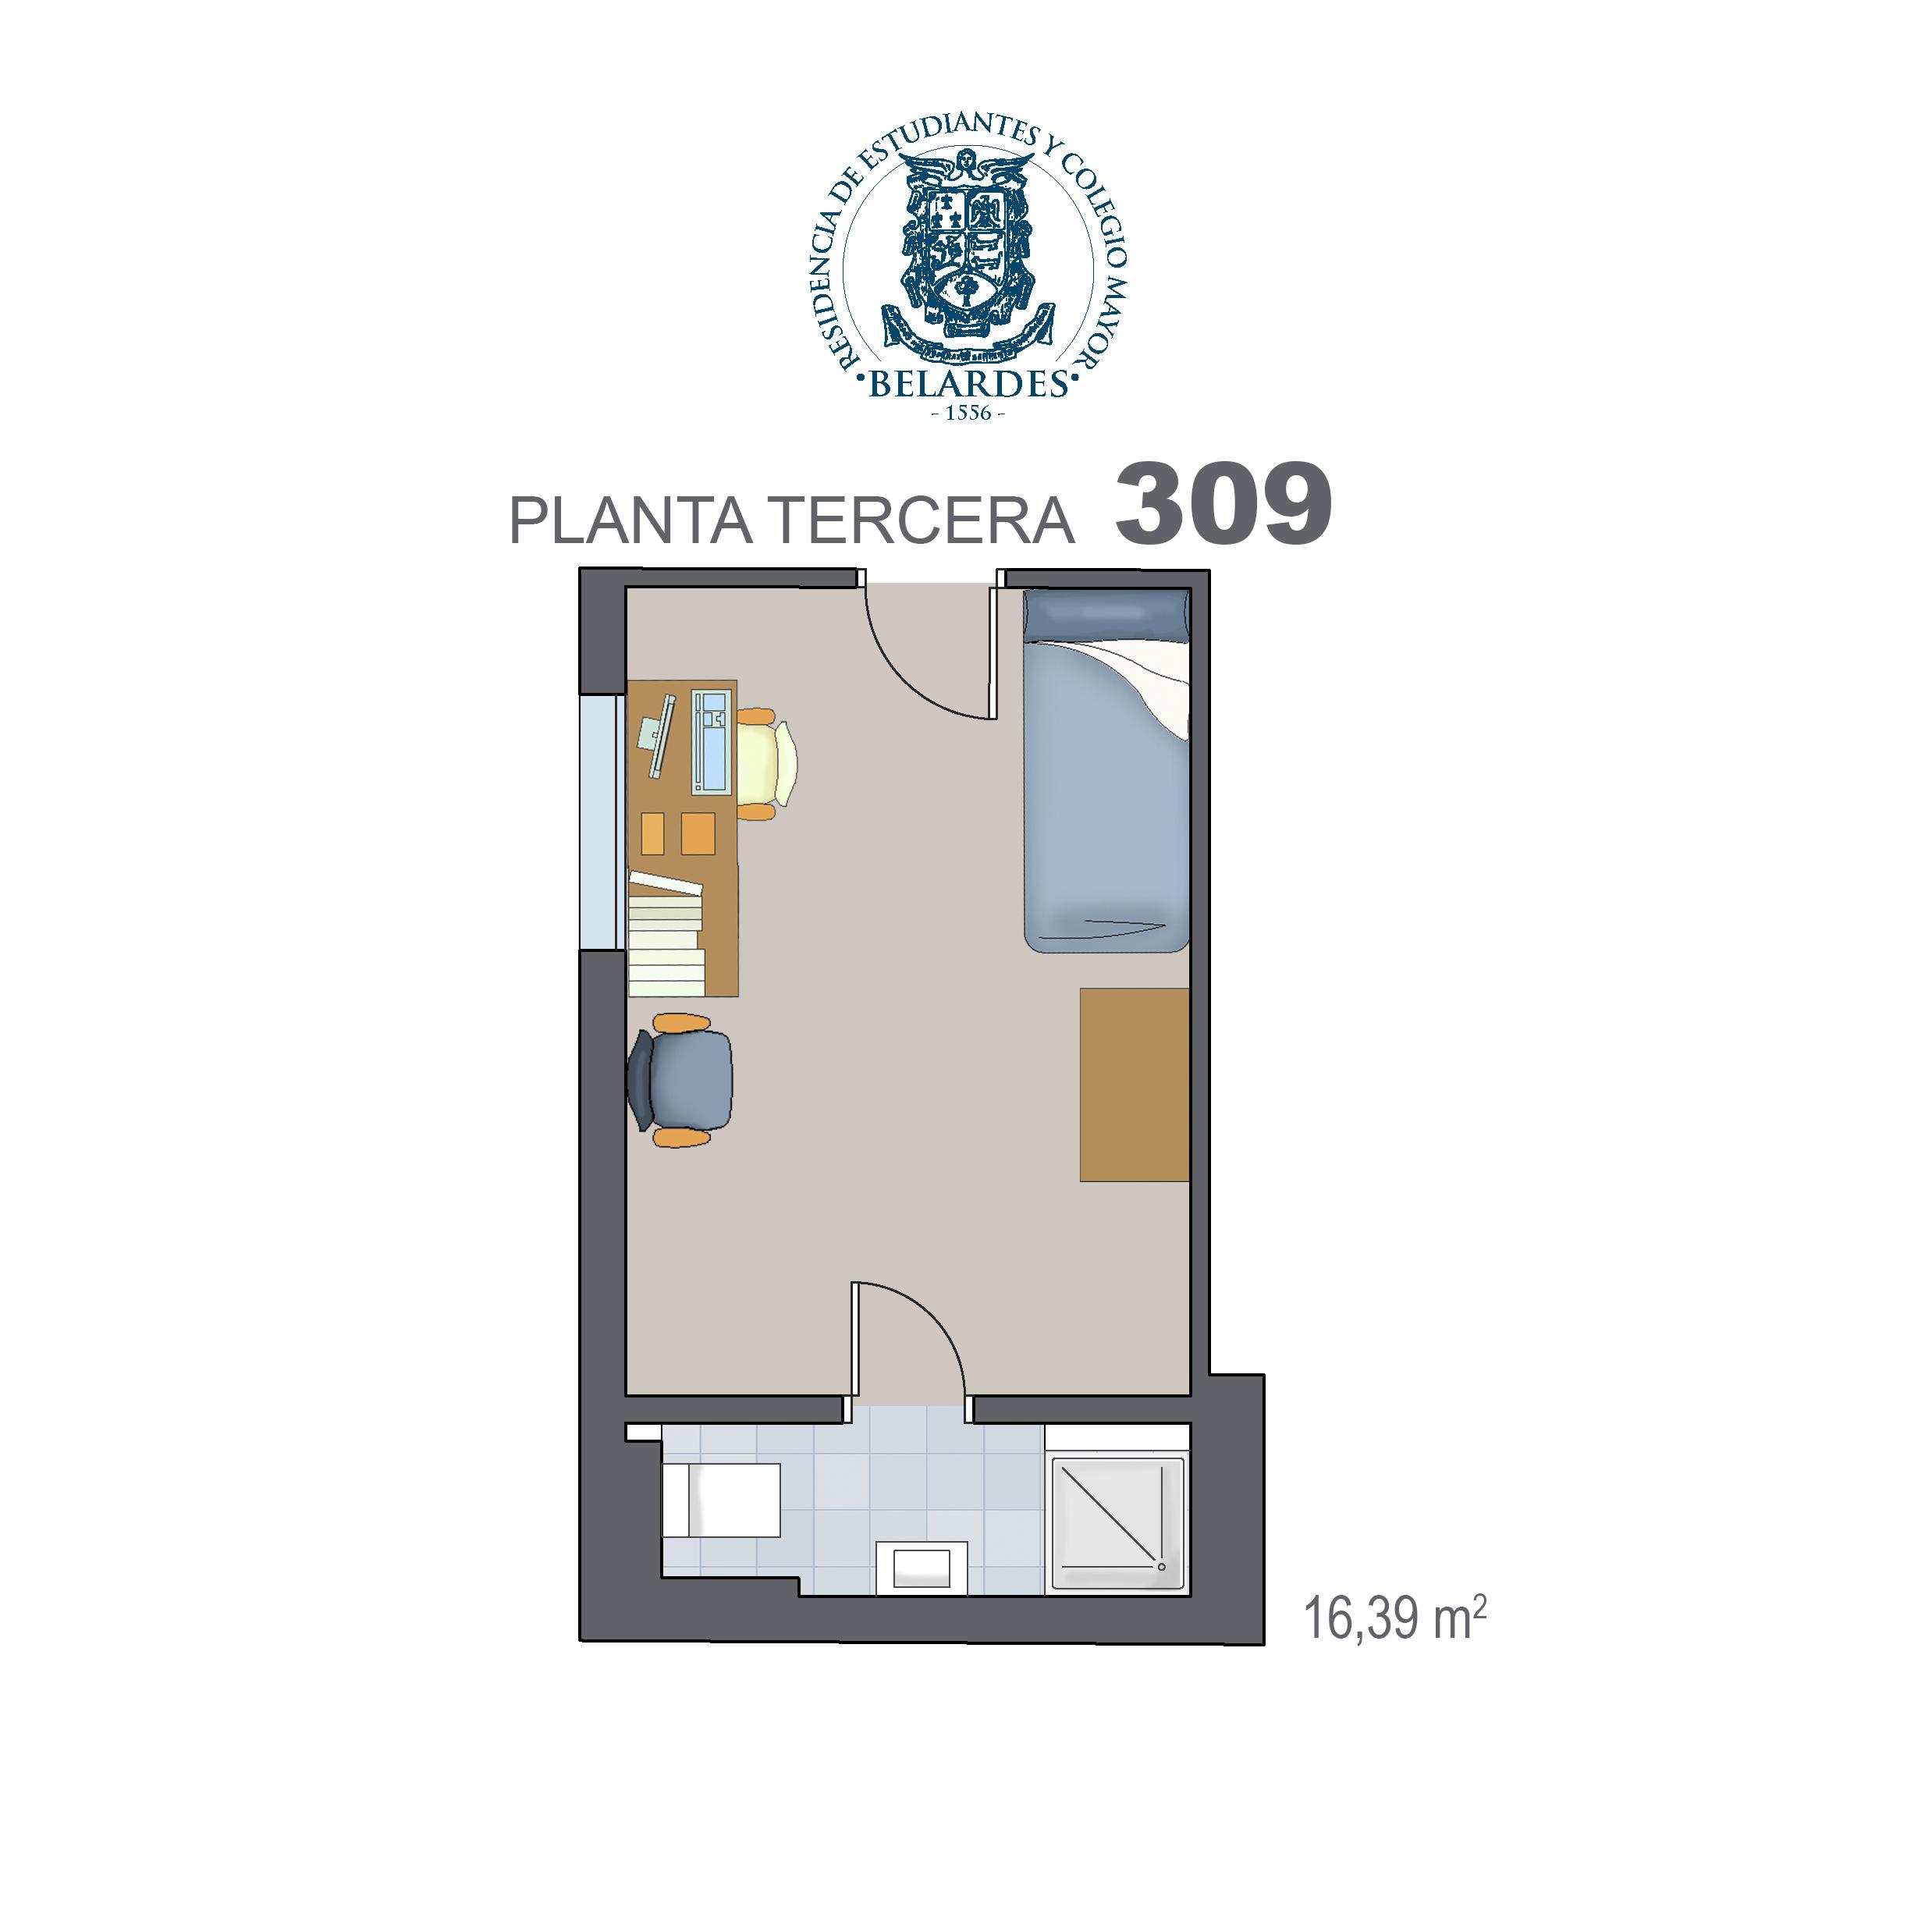 tercera 309